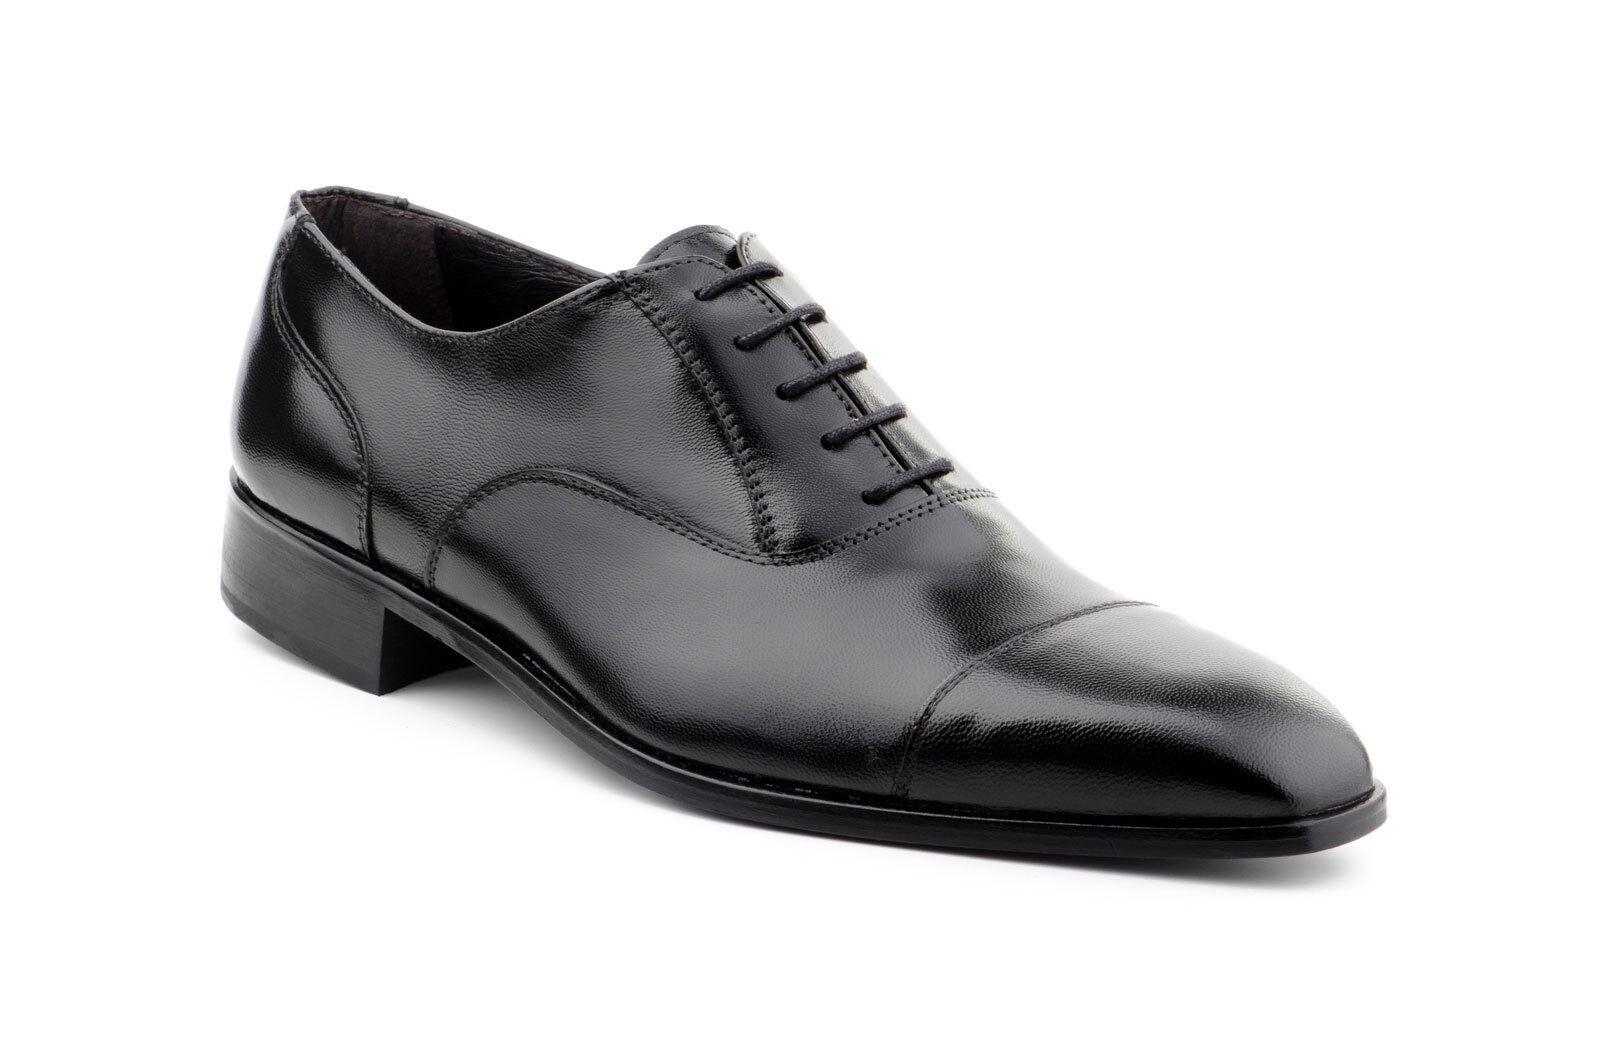 Herren Business Schuhe Echtleder Schwarz Braun Größe Gr. 39 40 41 42 43 44 45